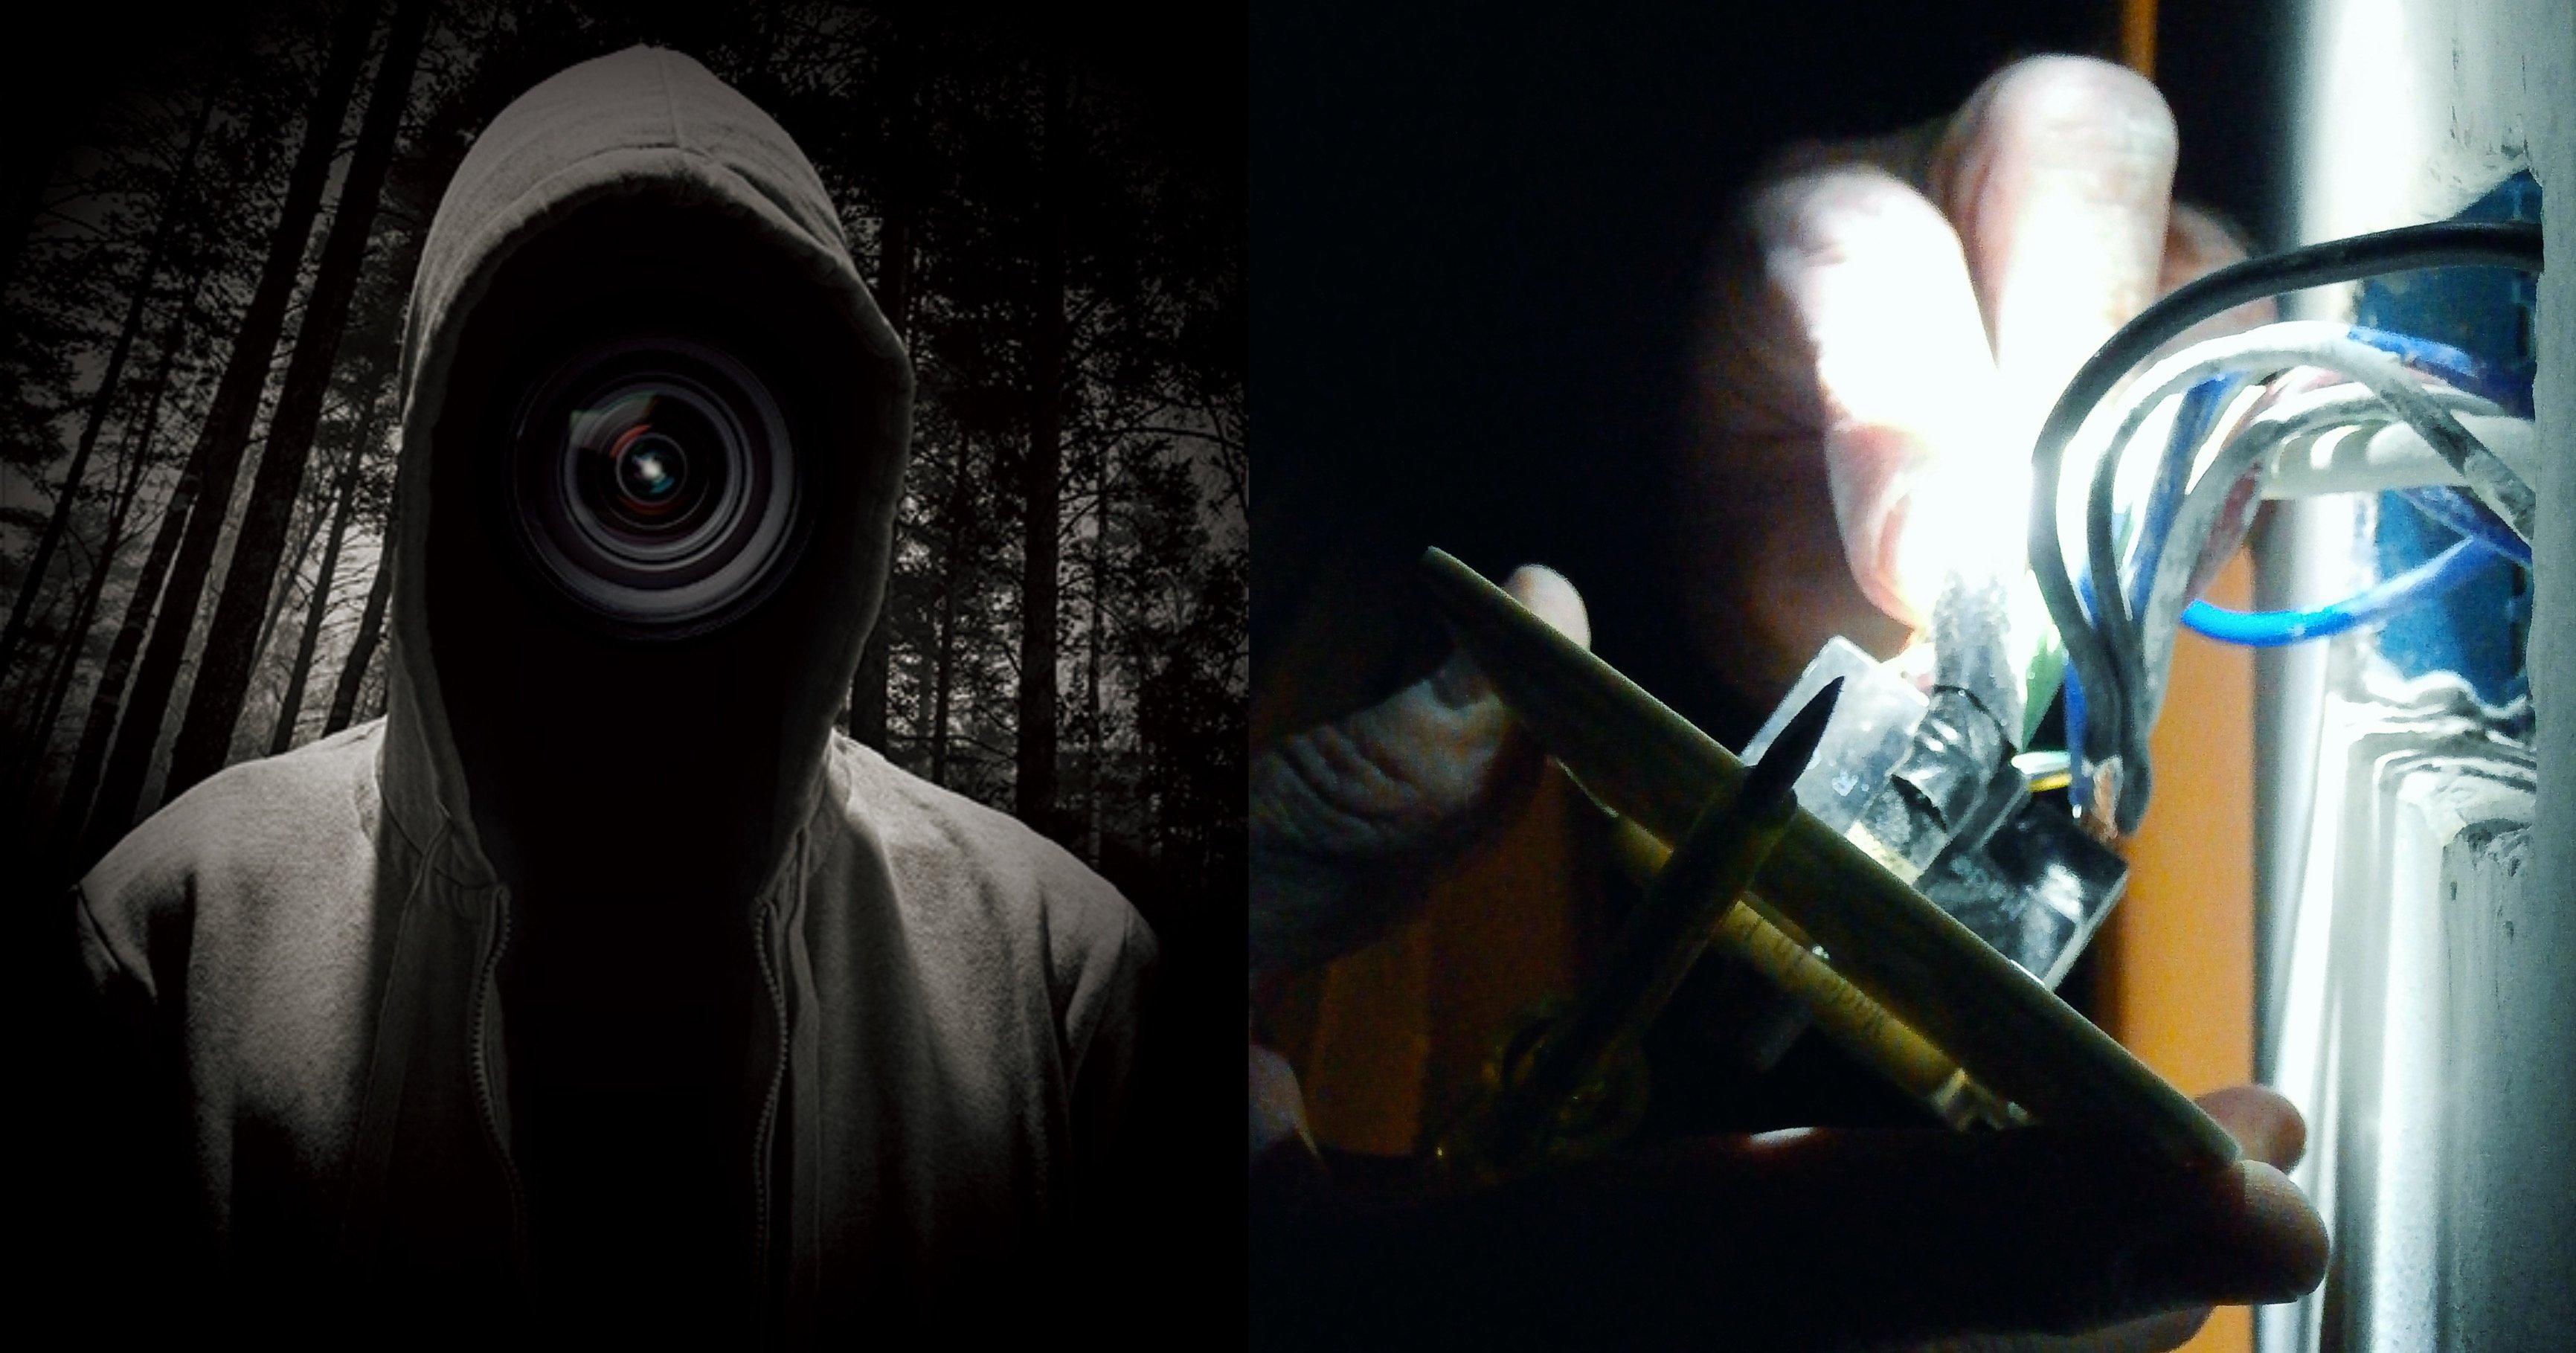 """ebaab0ecb9b4ec8db8eb84a4ec9dbc.jpg?resize=1200,630 - """"몰.카안에 3천개의 영상이....""""....자취방 에어컨 콘센트 구멍에서 발견된 몰래카메라"""